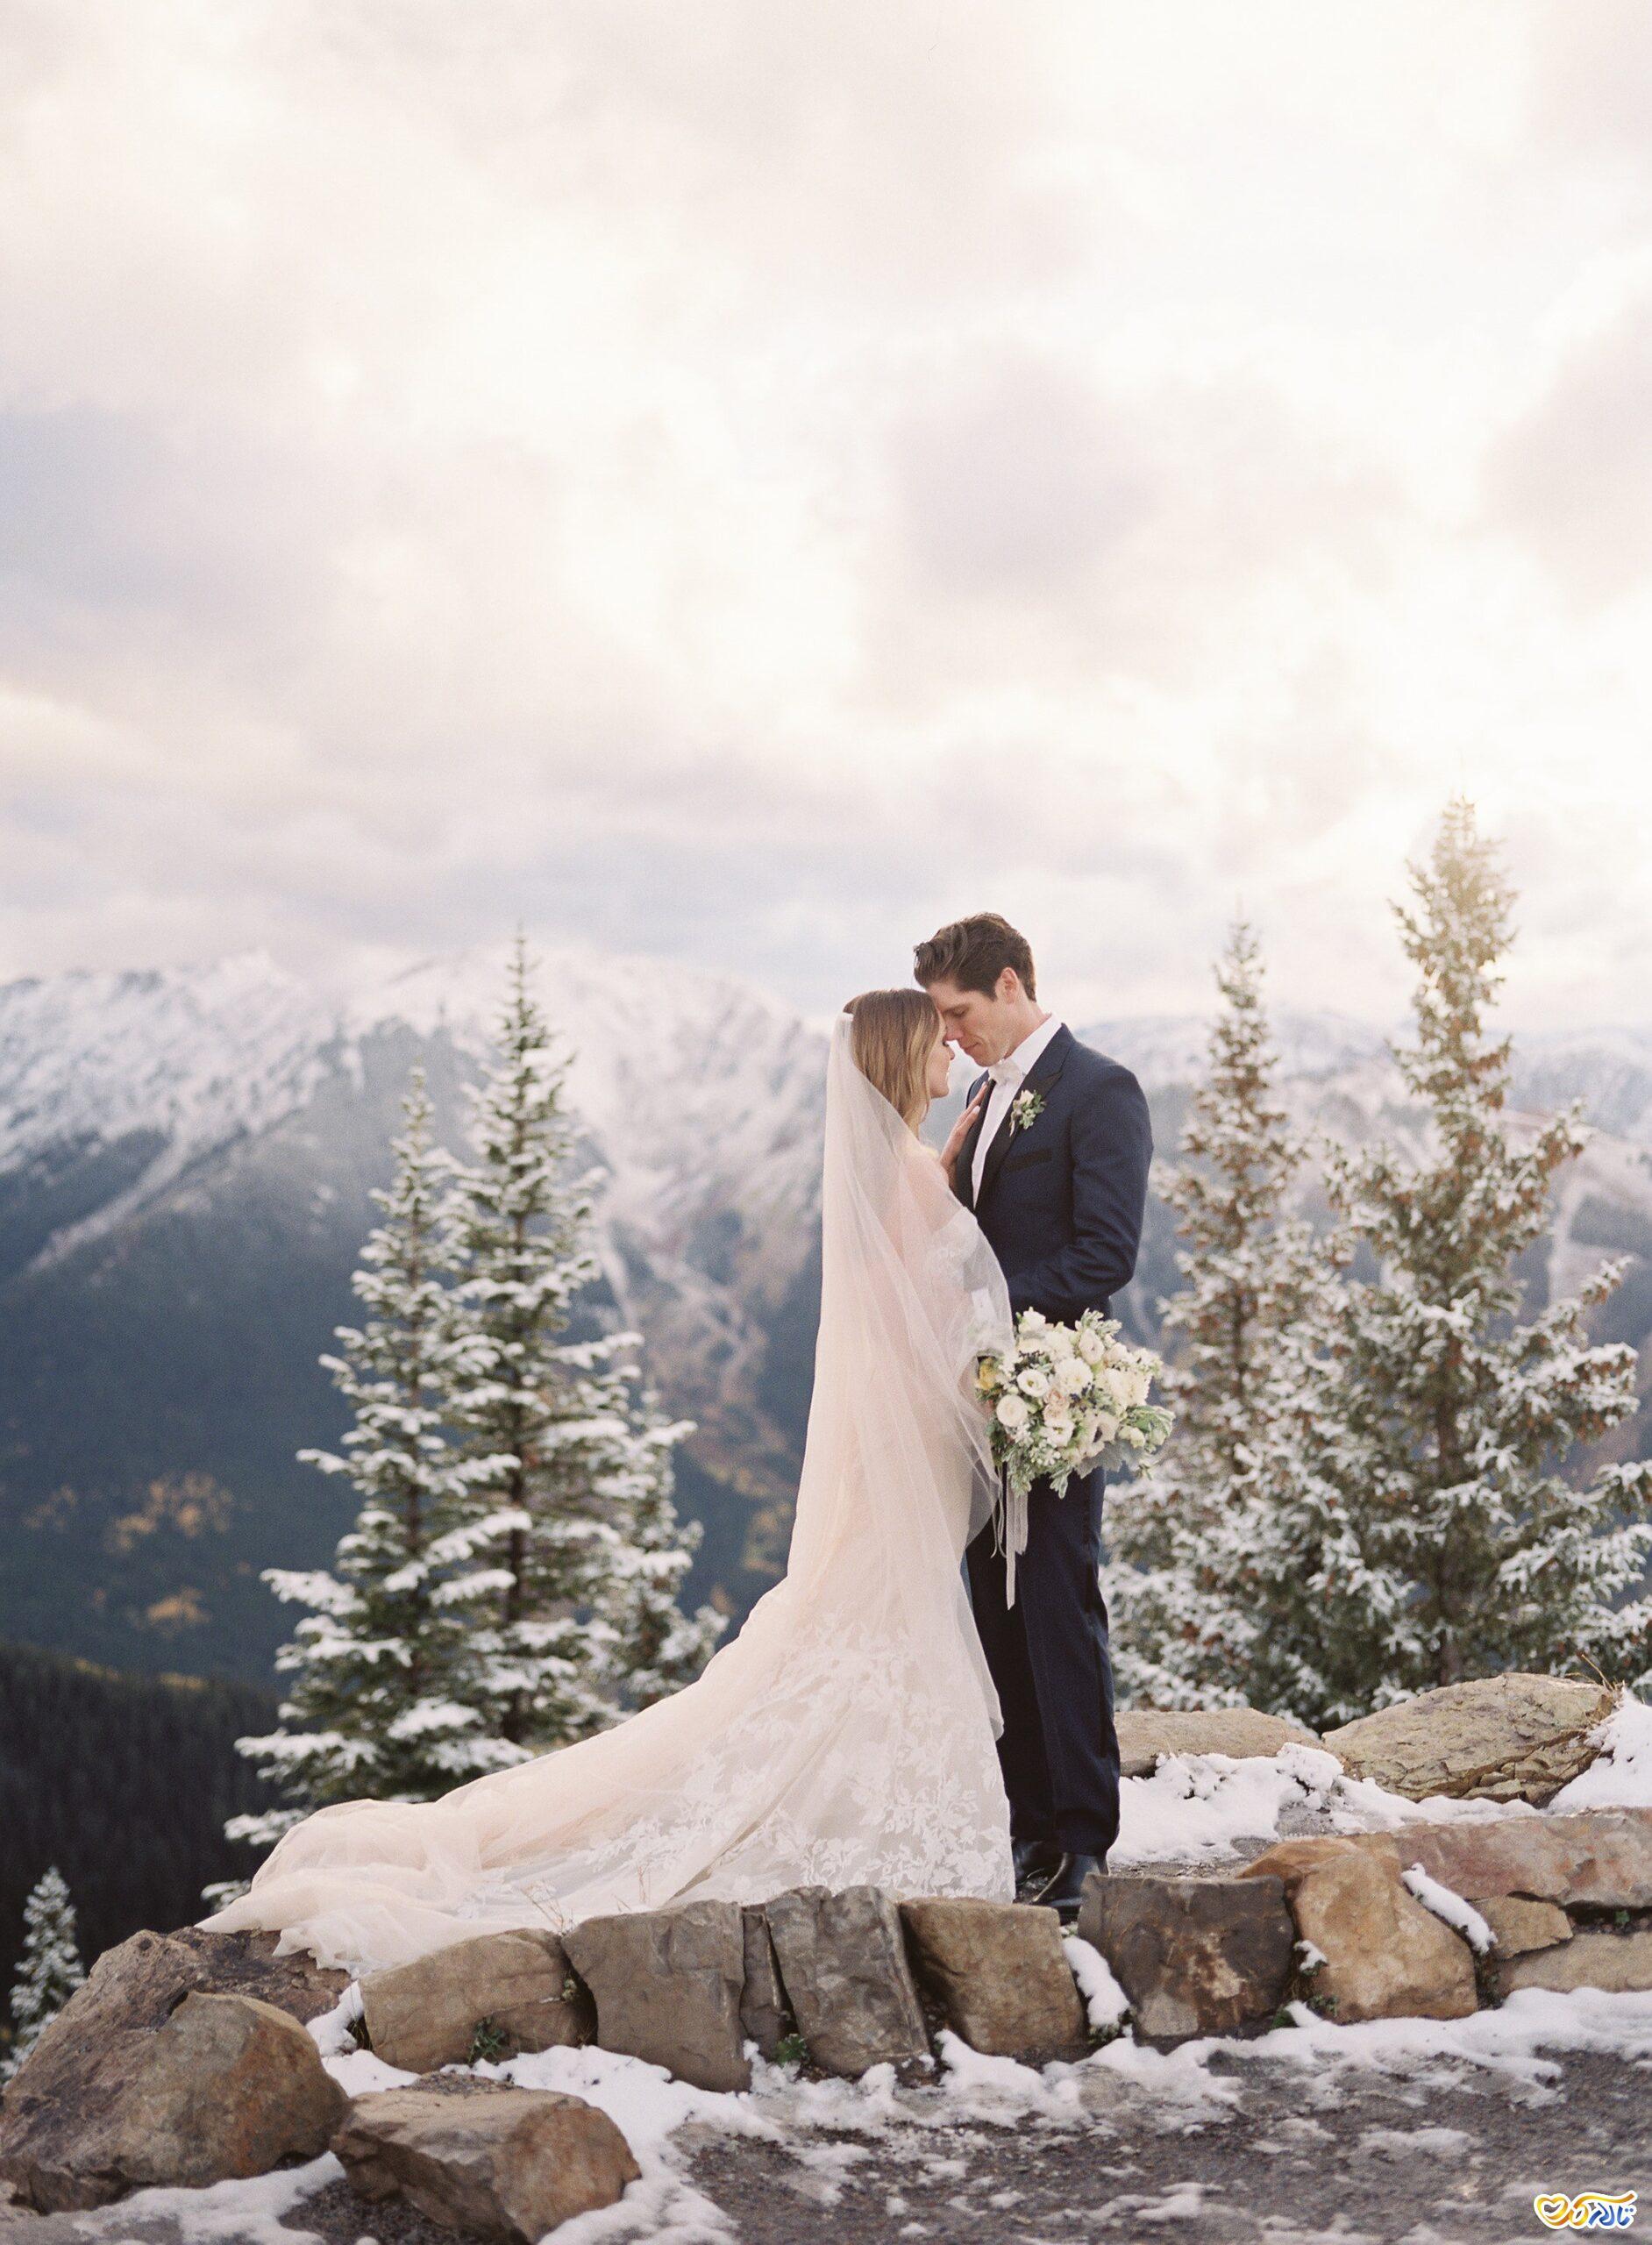 عکس عروسی در برف